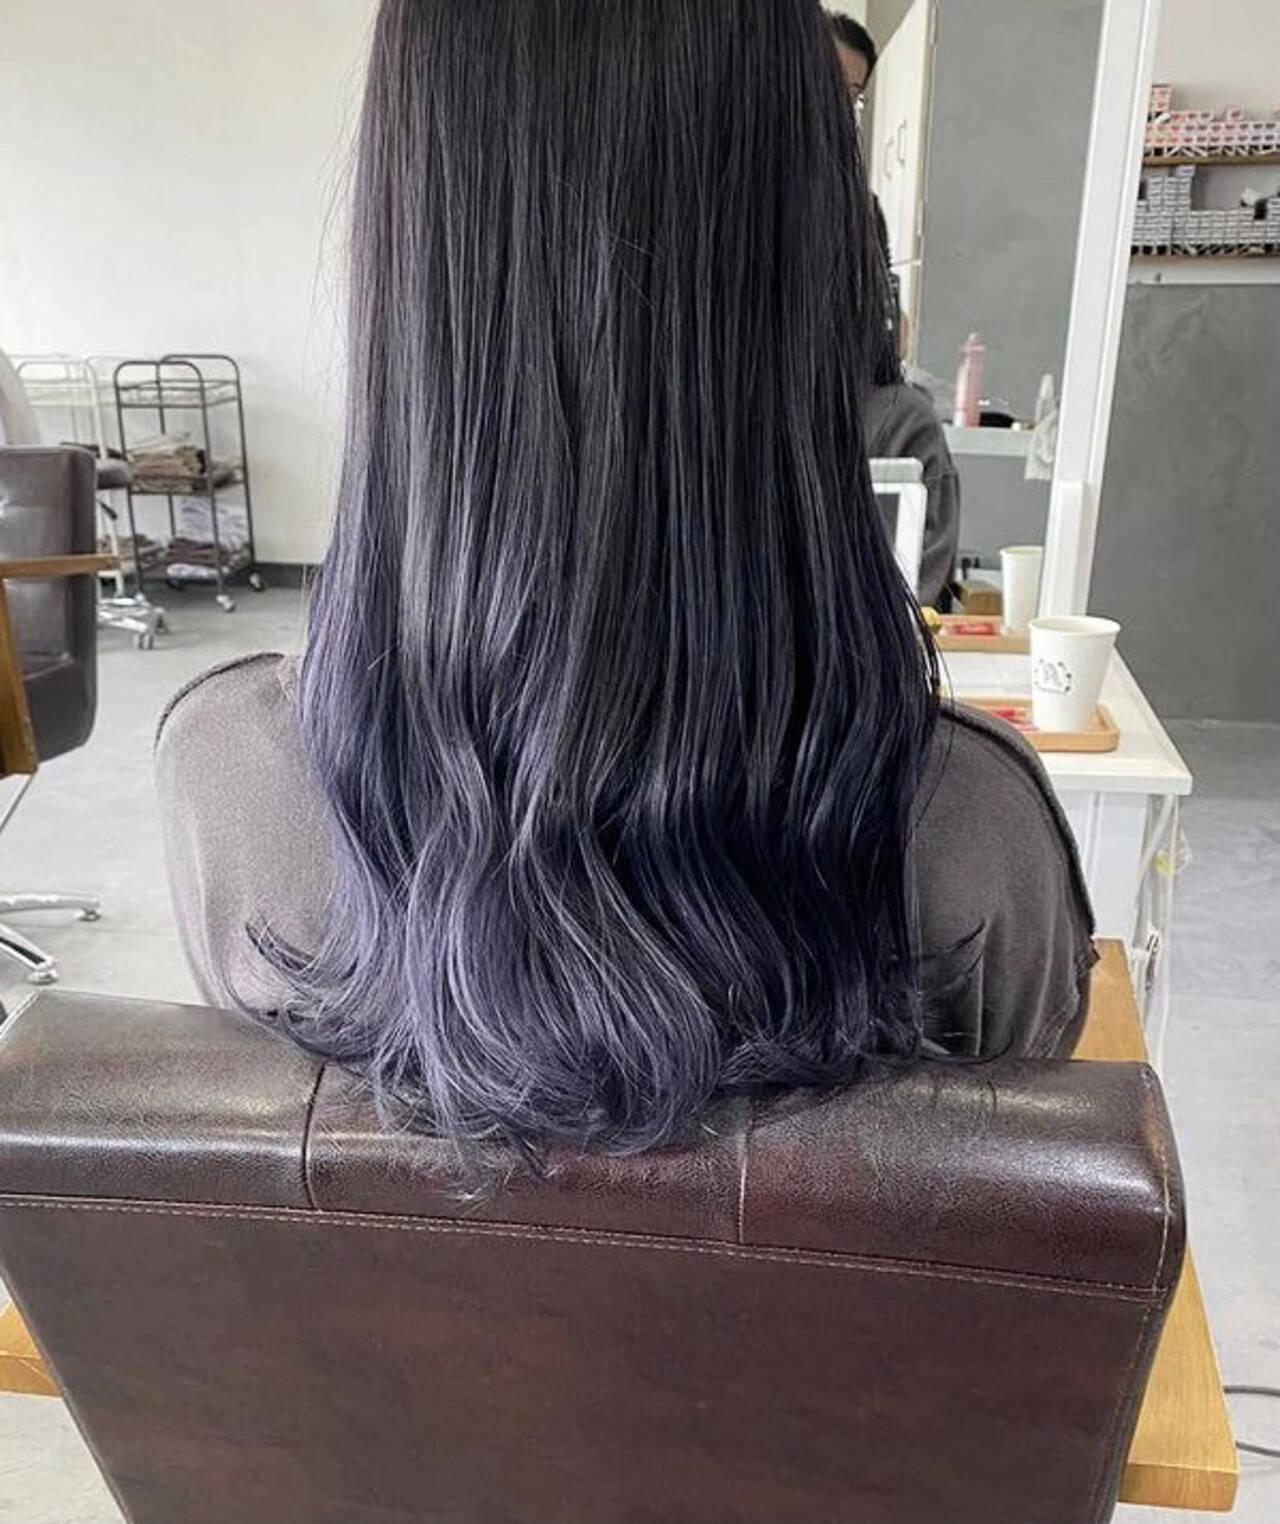 ナチュラル 圧倒的透明感 セミロング 透明感カラーヘアスタイルや髪型の写真・画像